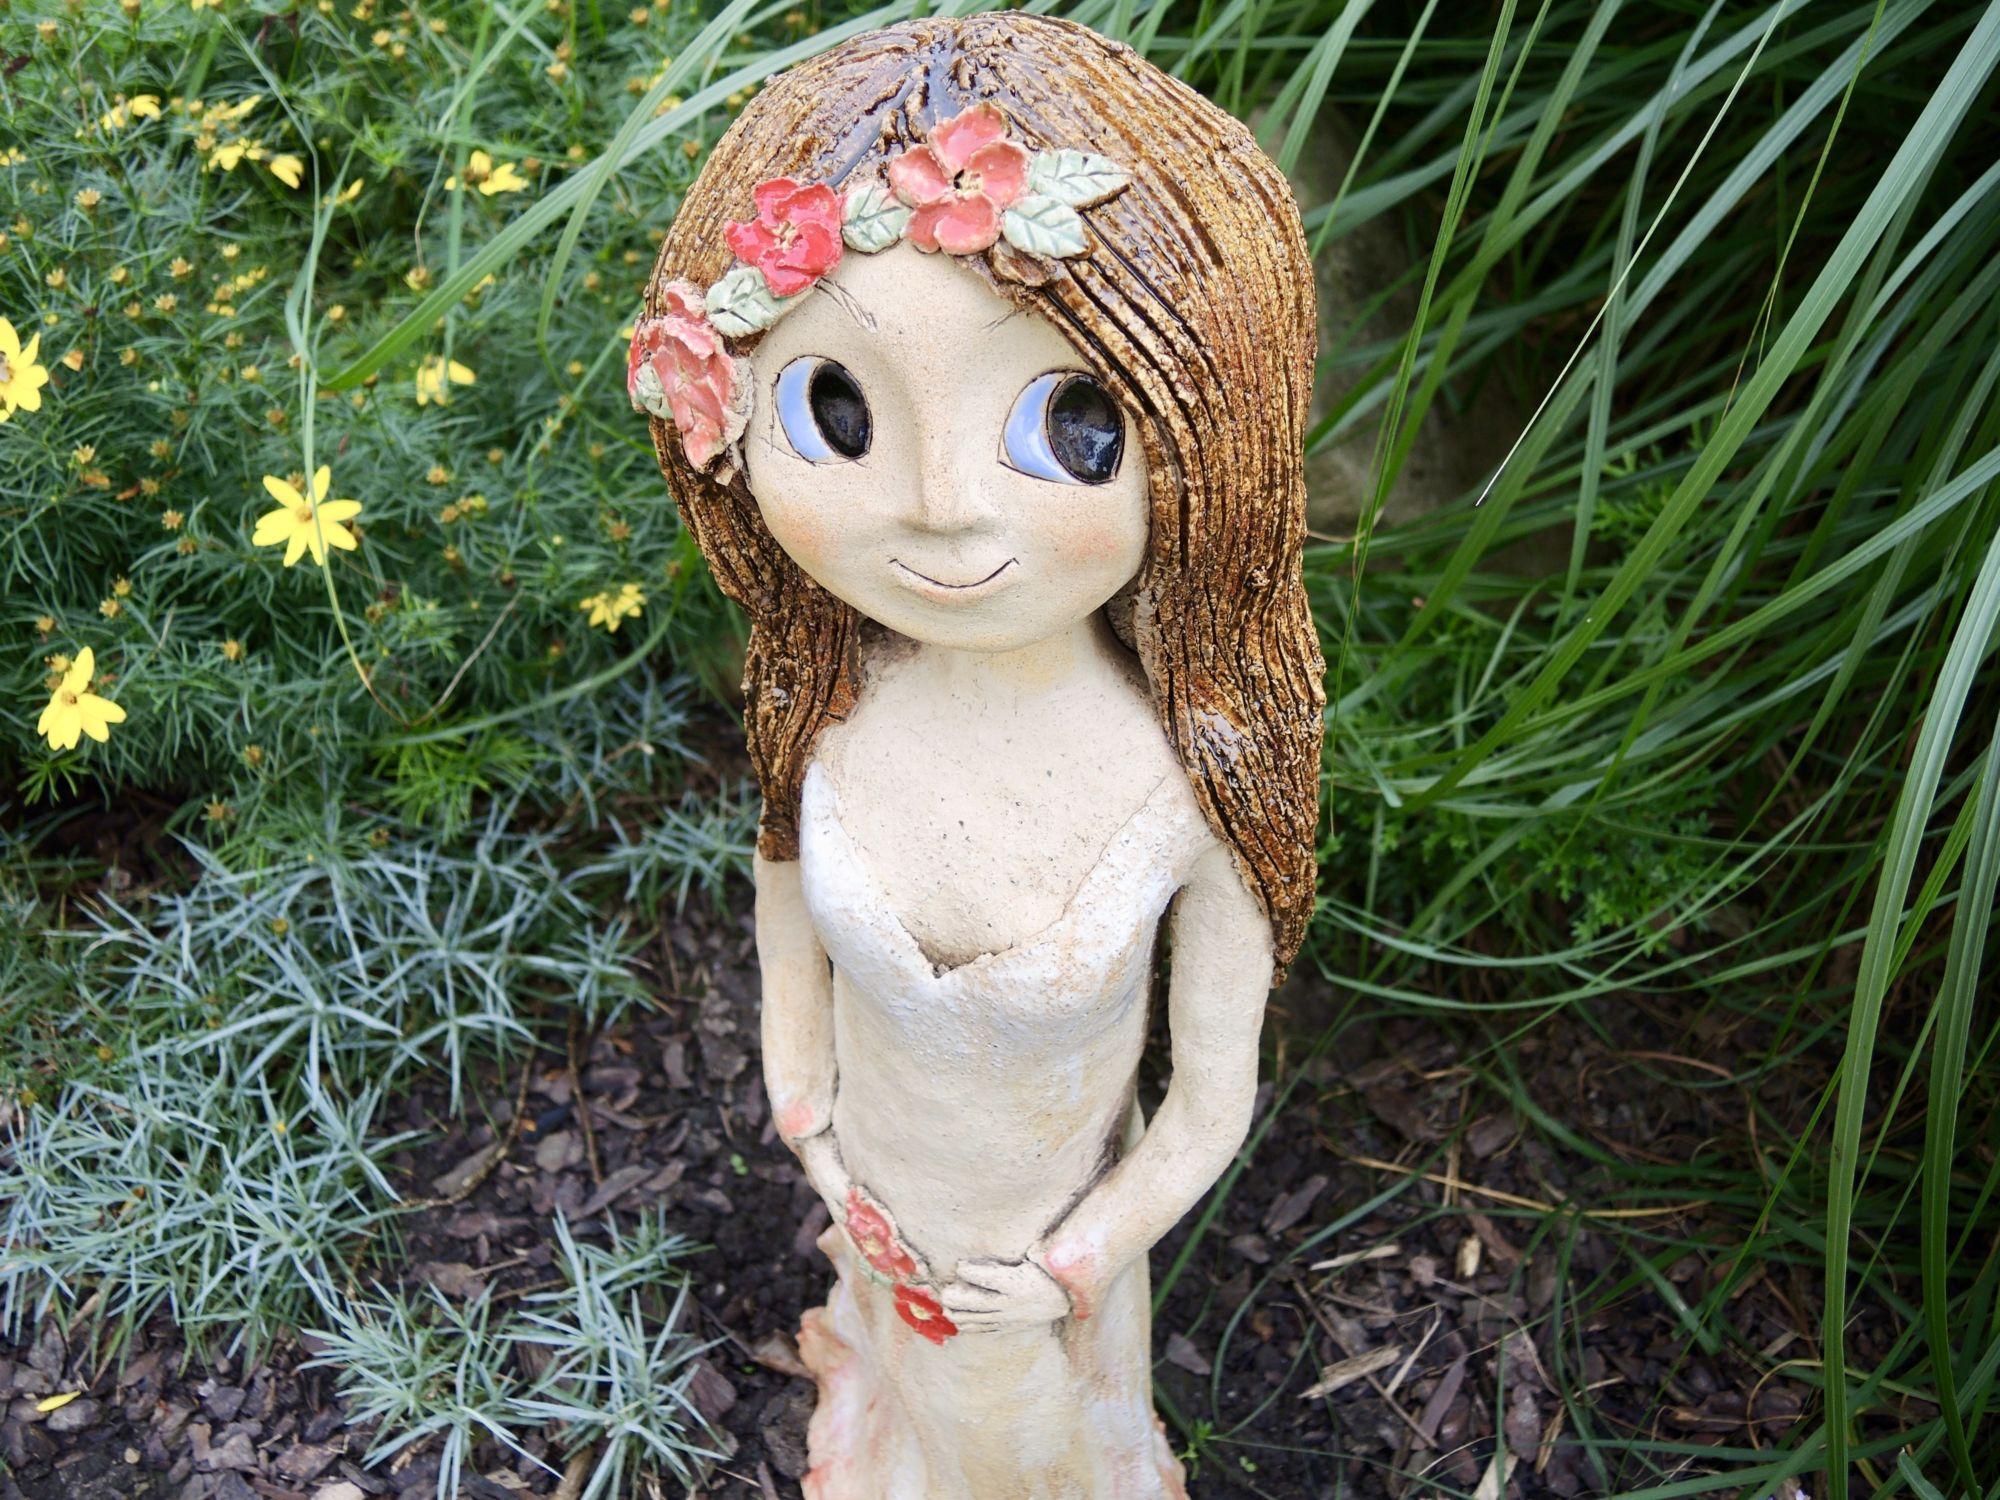 velká víla louka květiny kopretina amálka blondýnka socha keramika andee